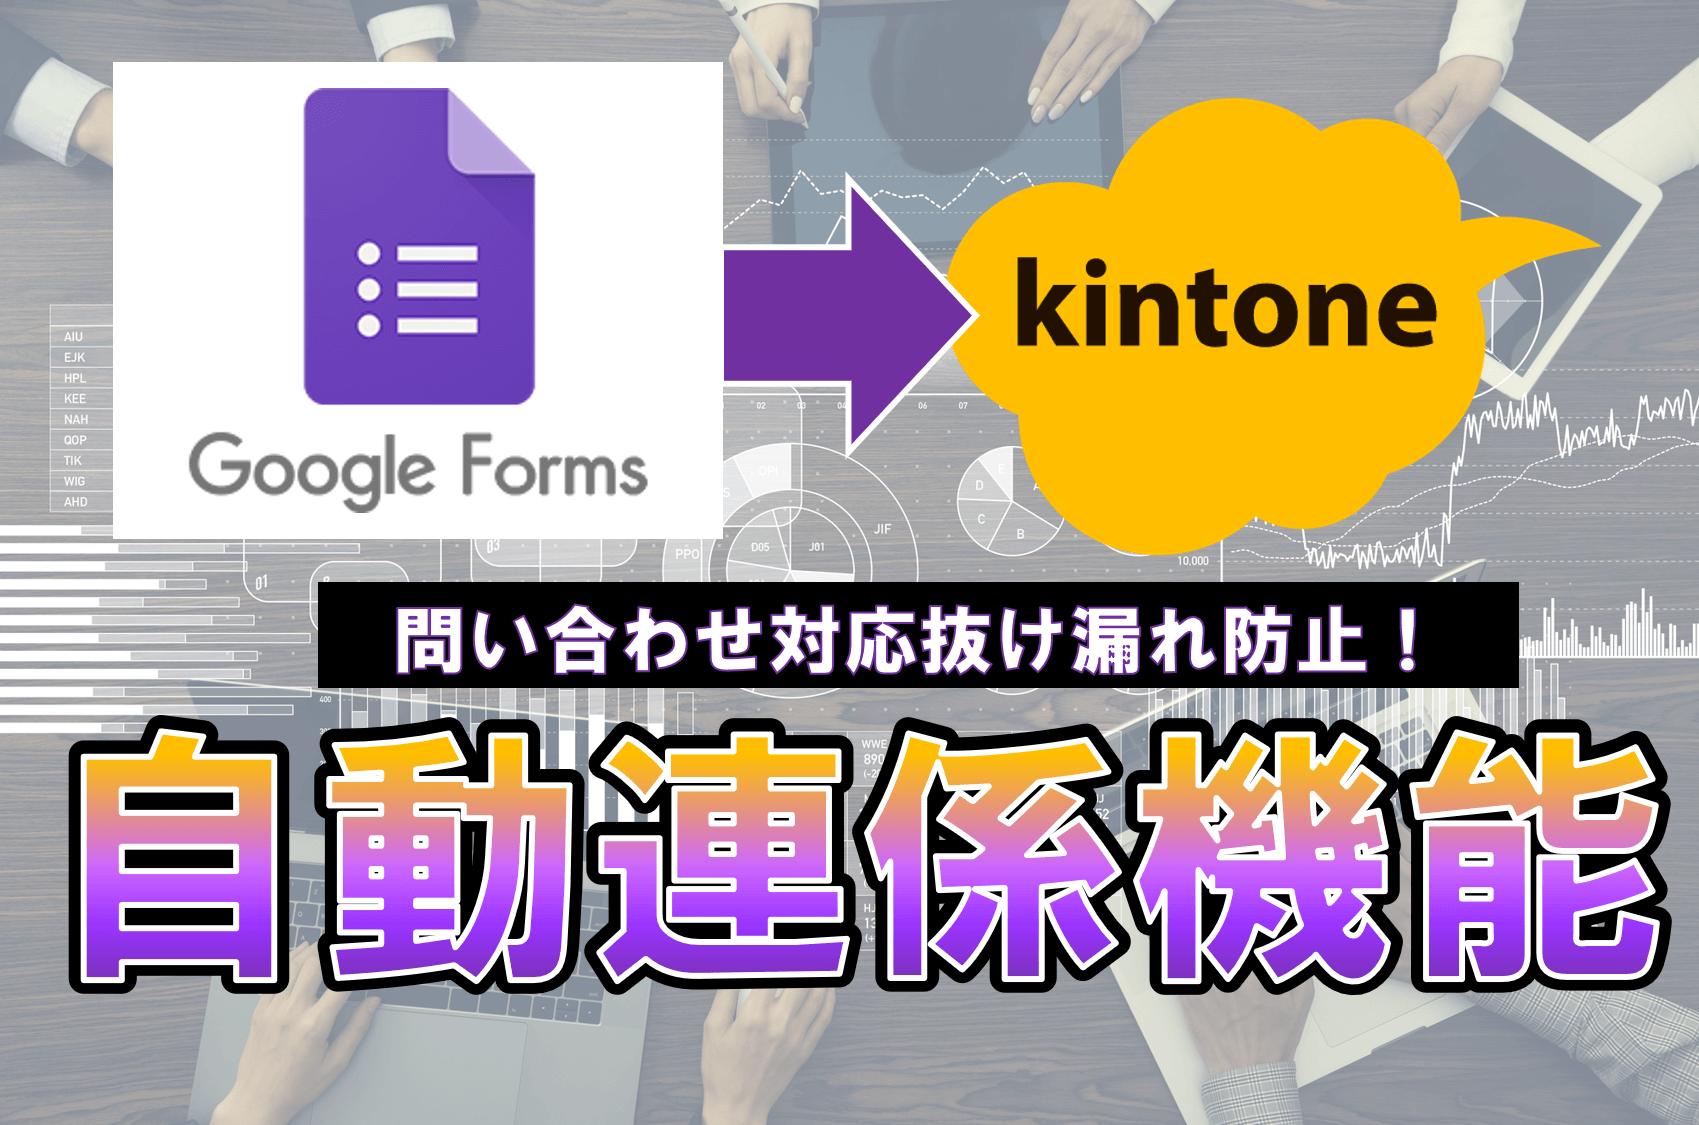 Googleフォーム×kintone連携で抜け・漏れなしの問い合わせ対応